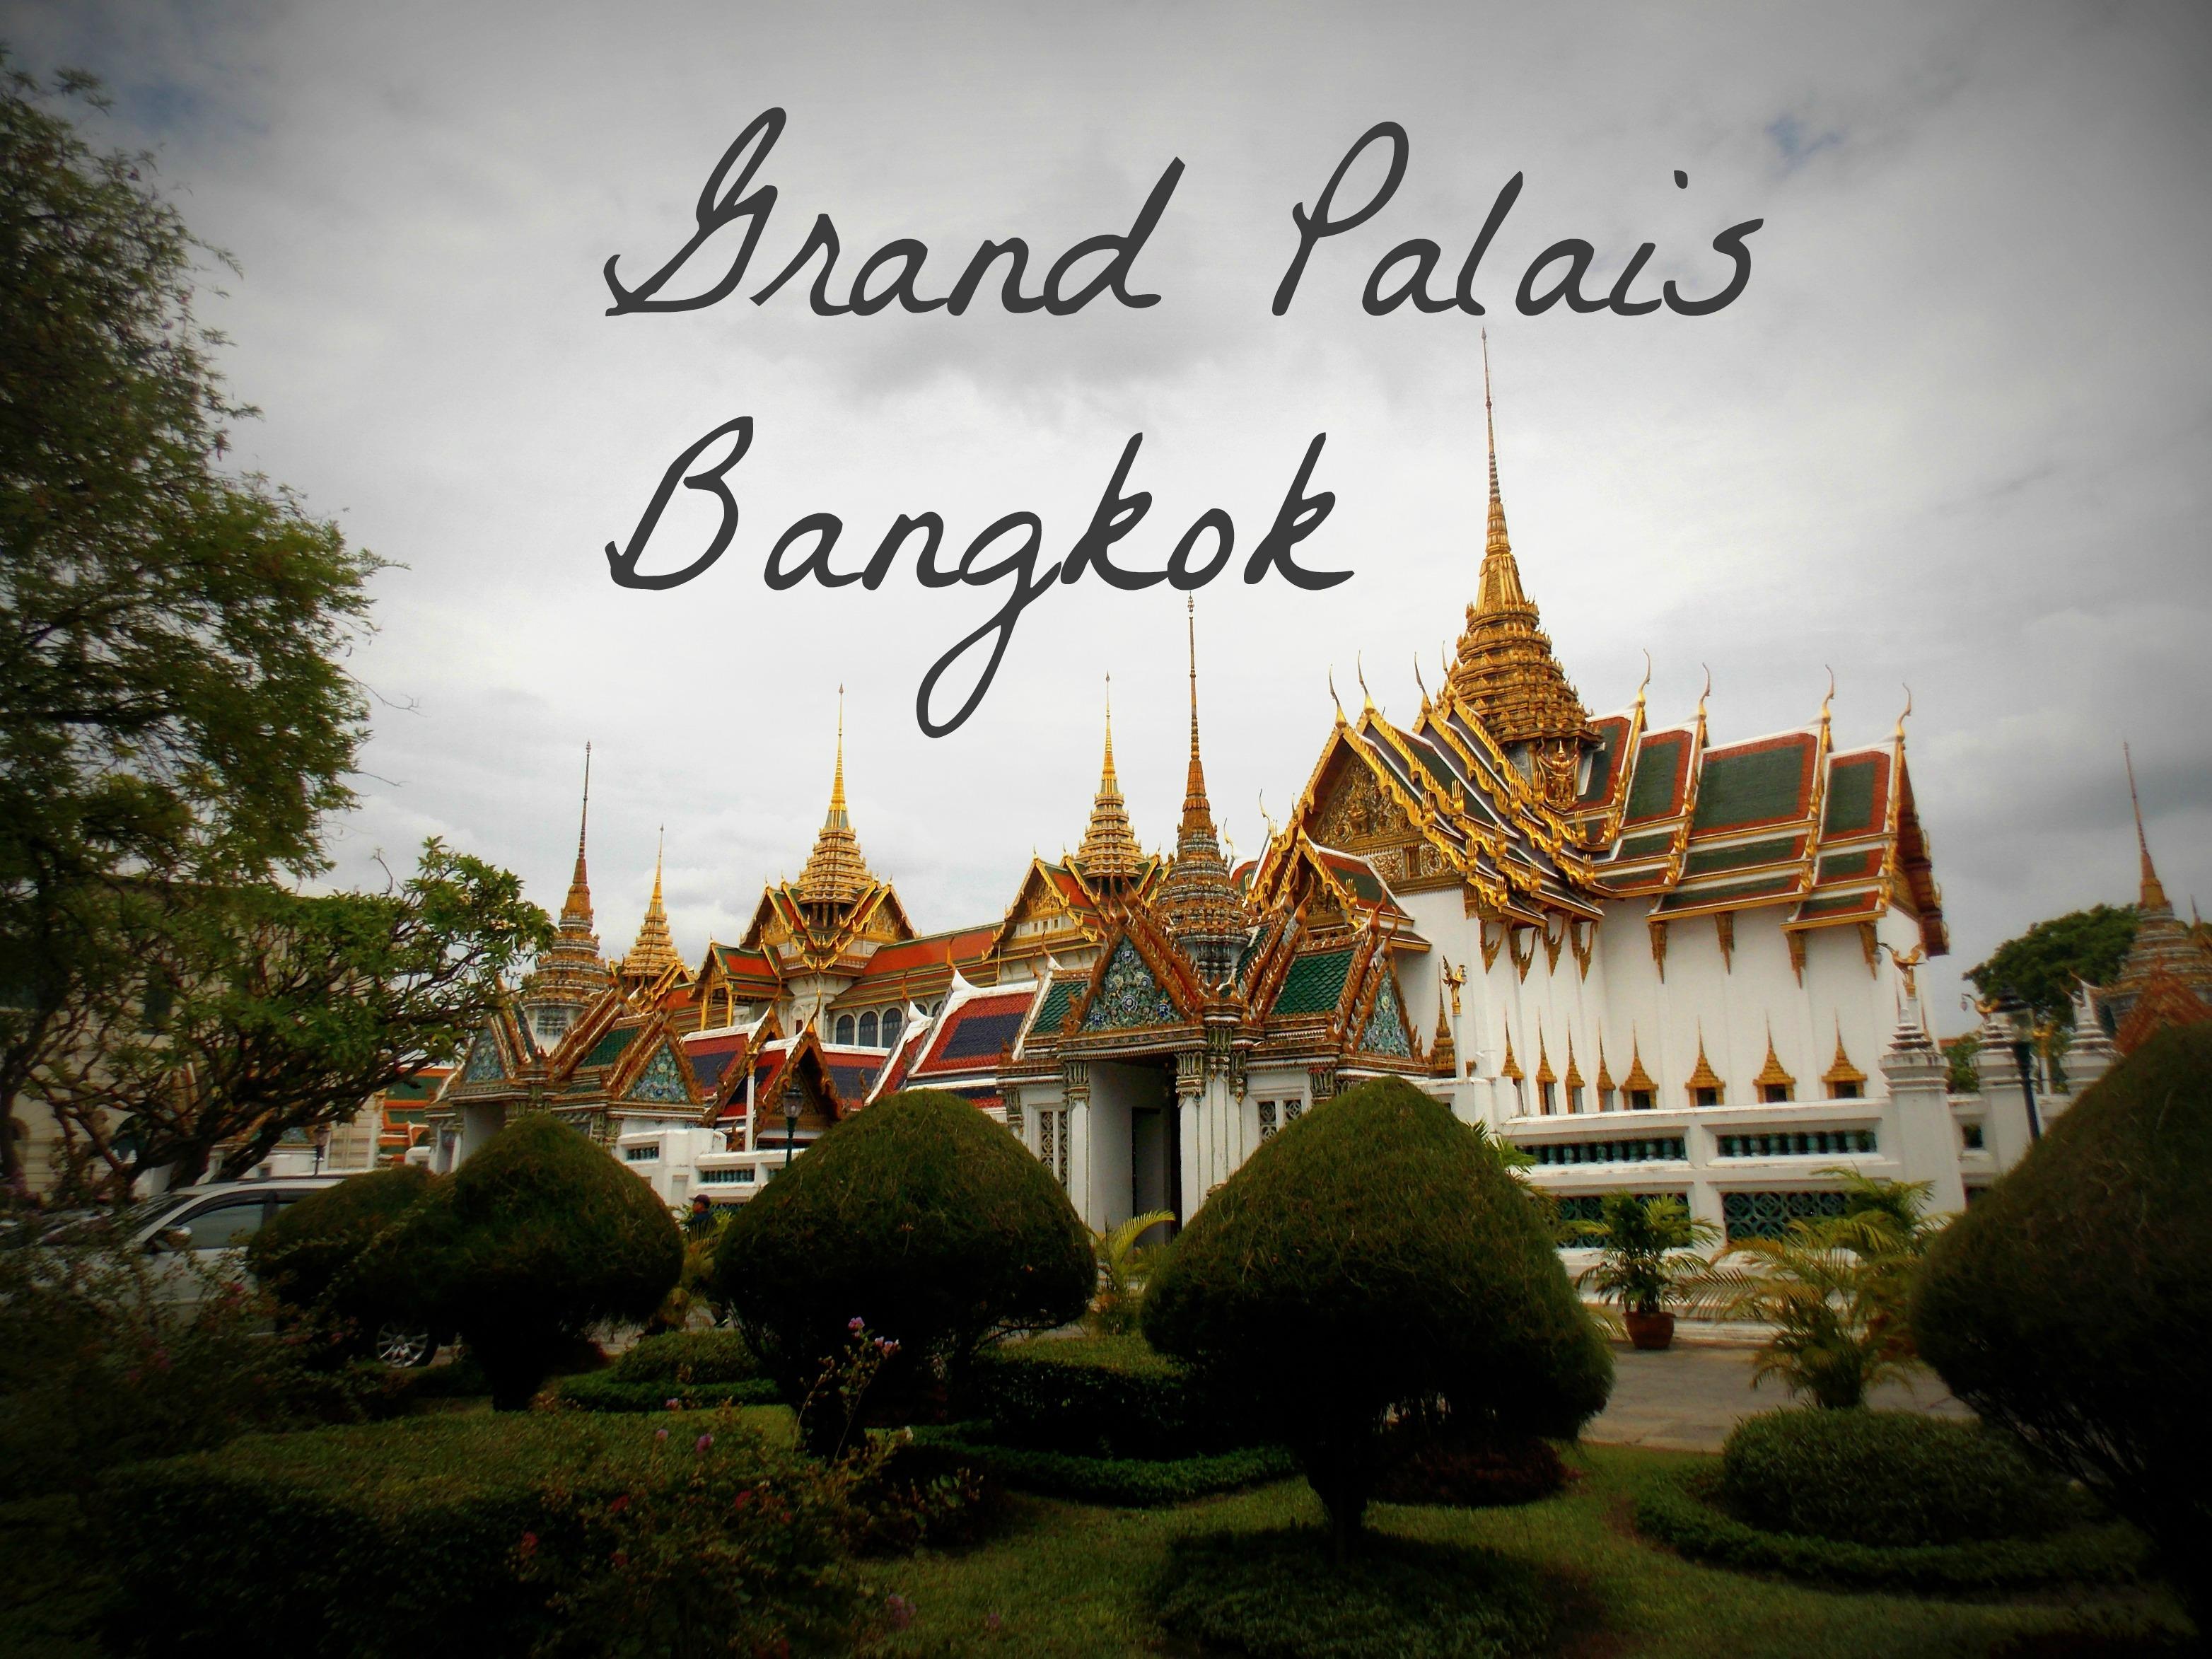 Le Grand Palais de Bangkok: une visite obligatoire!